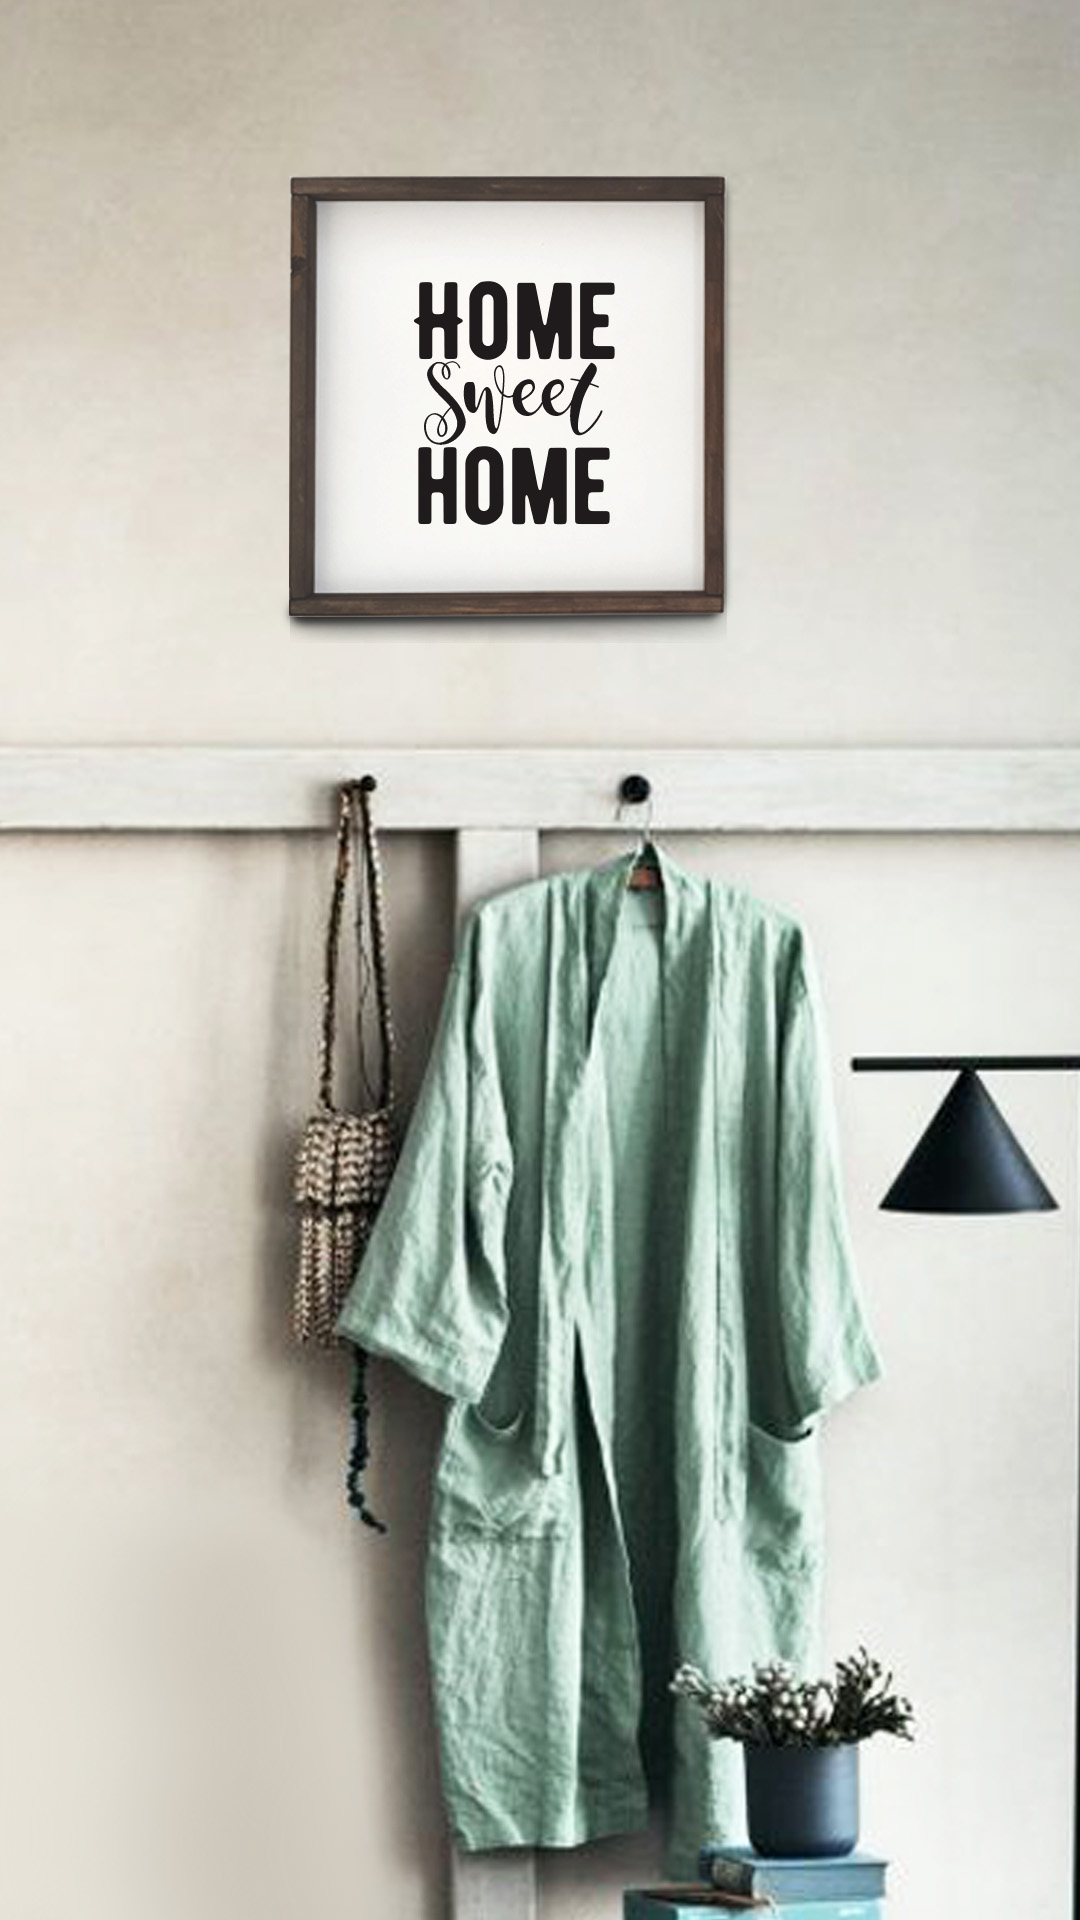 интерьерное панно Home sweet home в интерьере